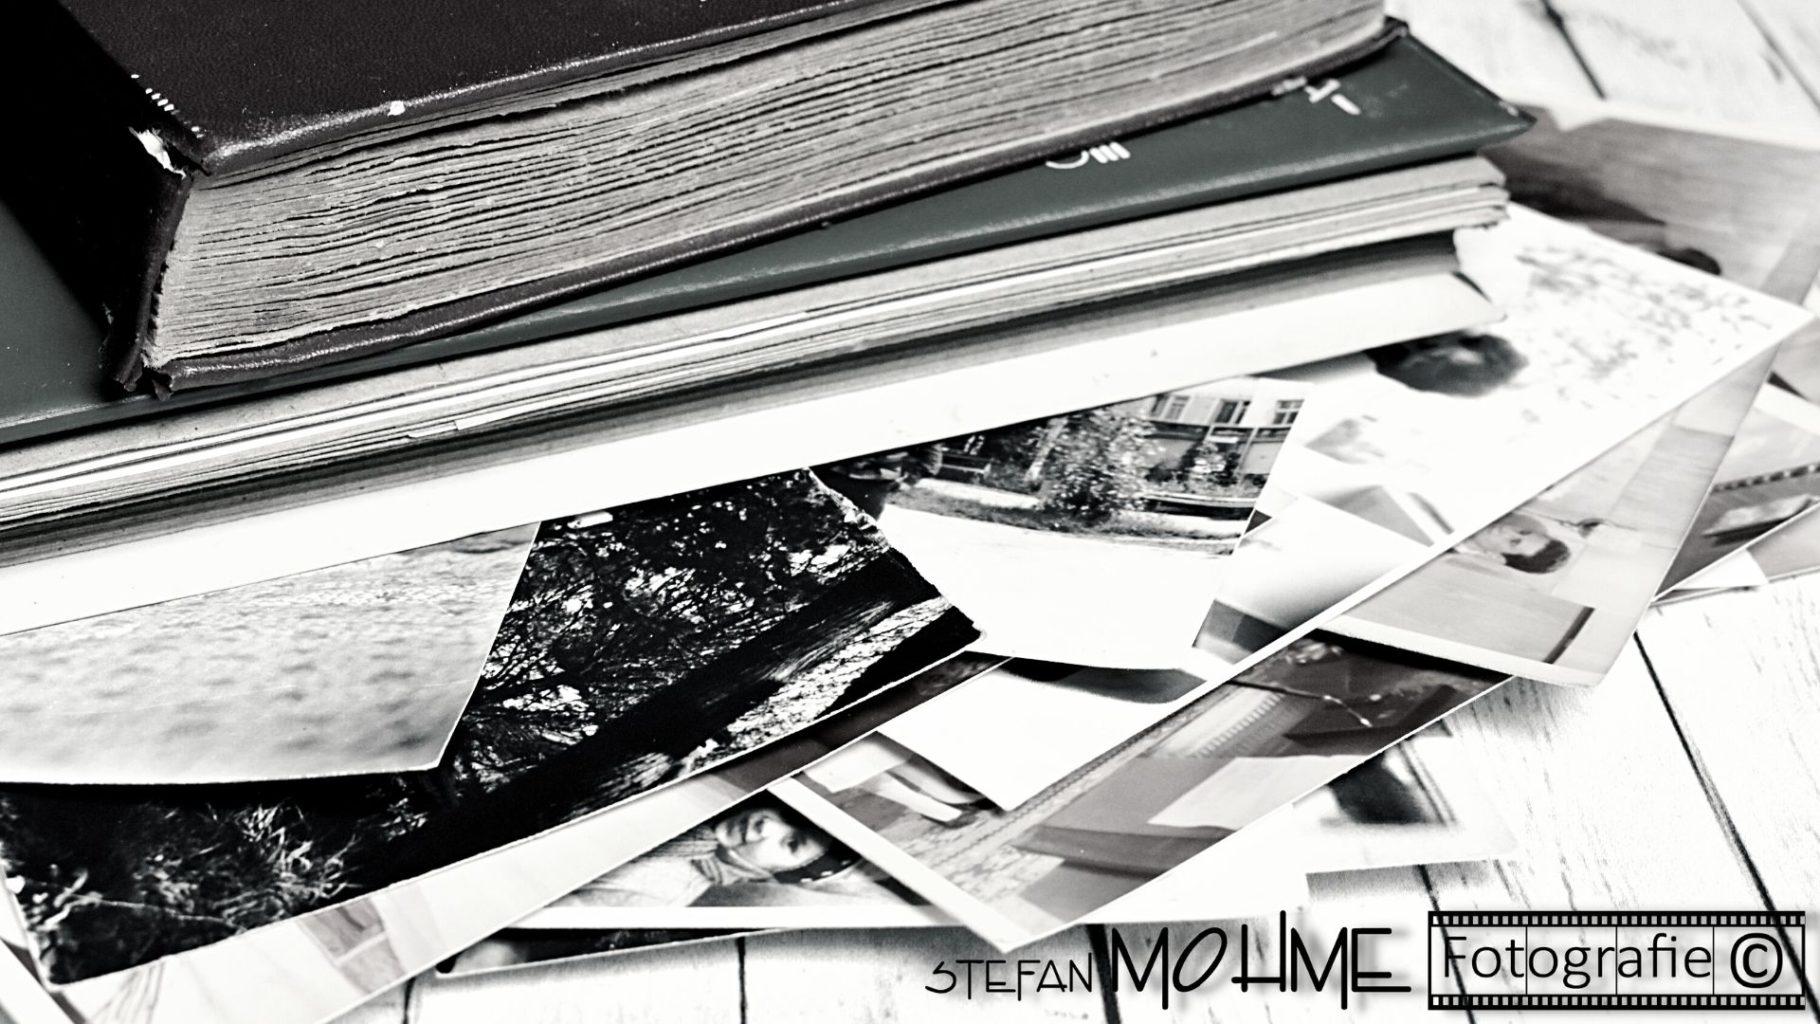 Bilderalbum, Fotoalbum, Papierbilder